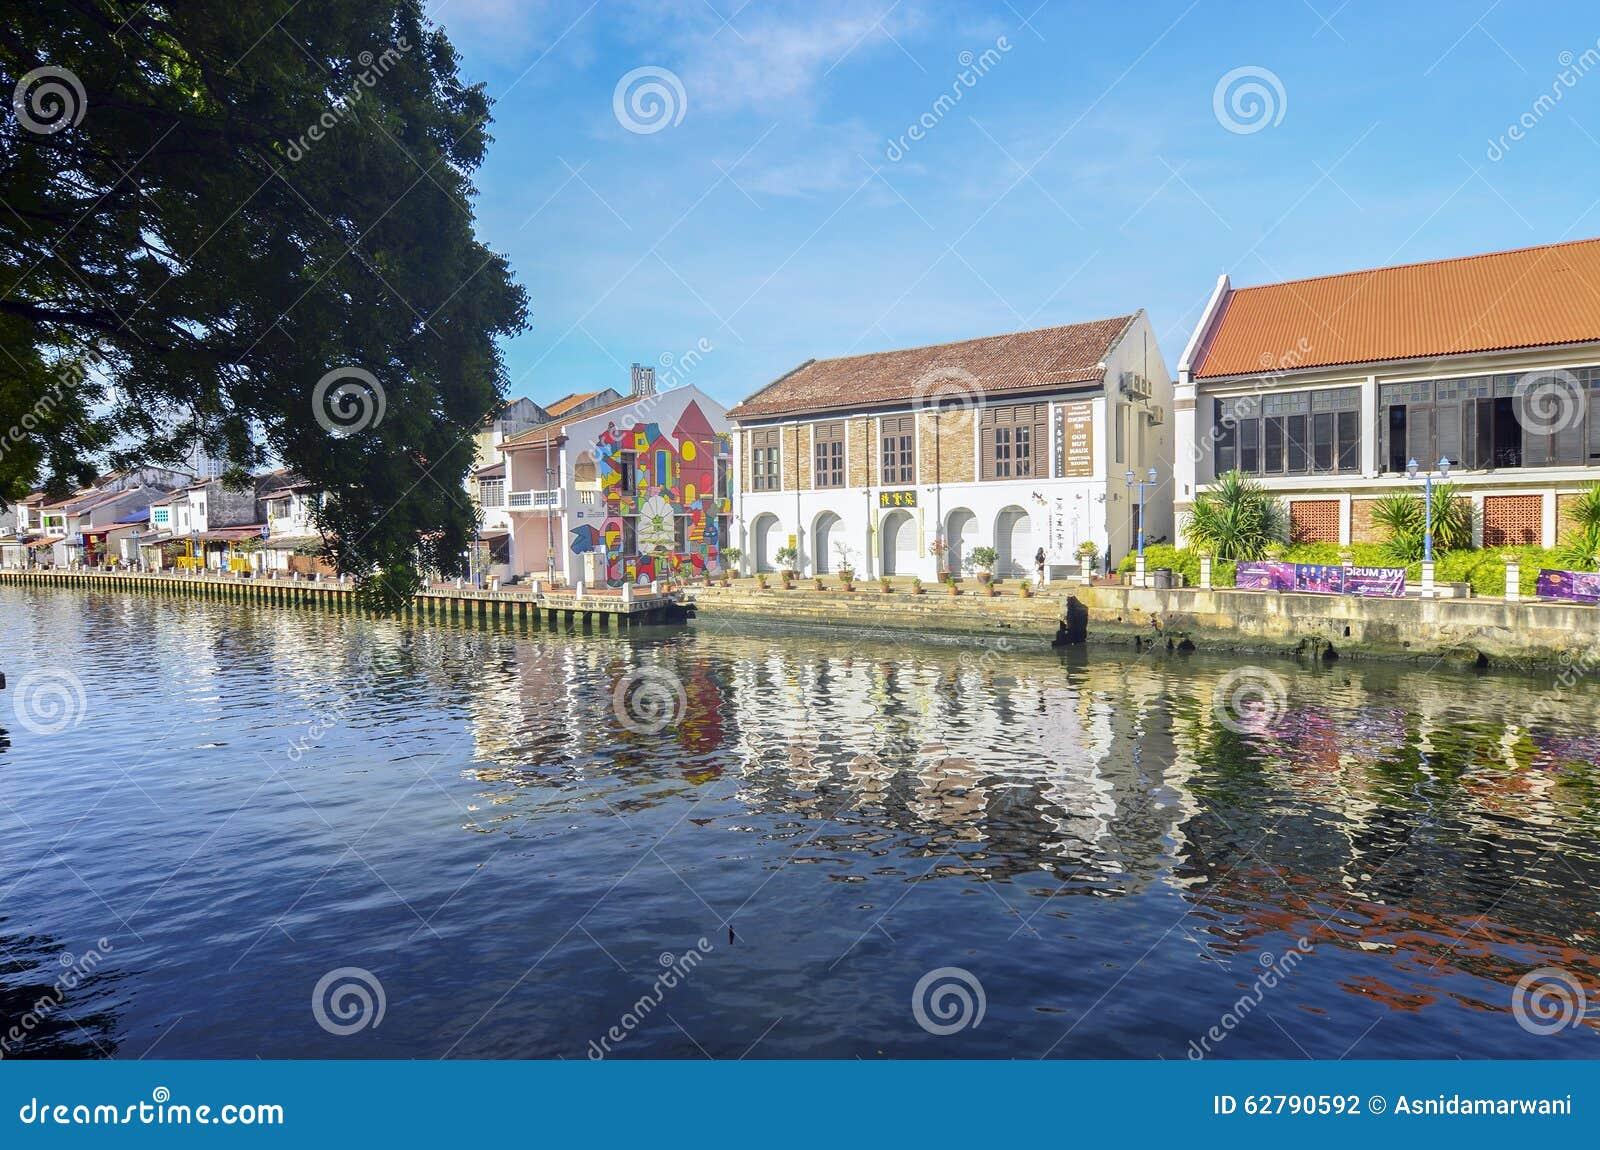 Bangkok River Cruise Tours - Bangkok Tours & Day Trips